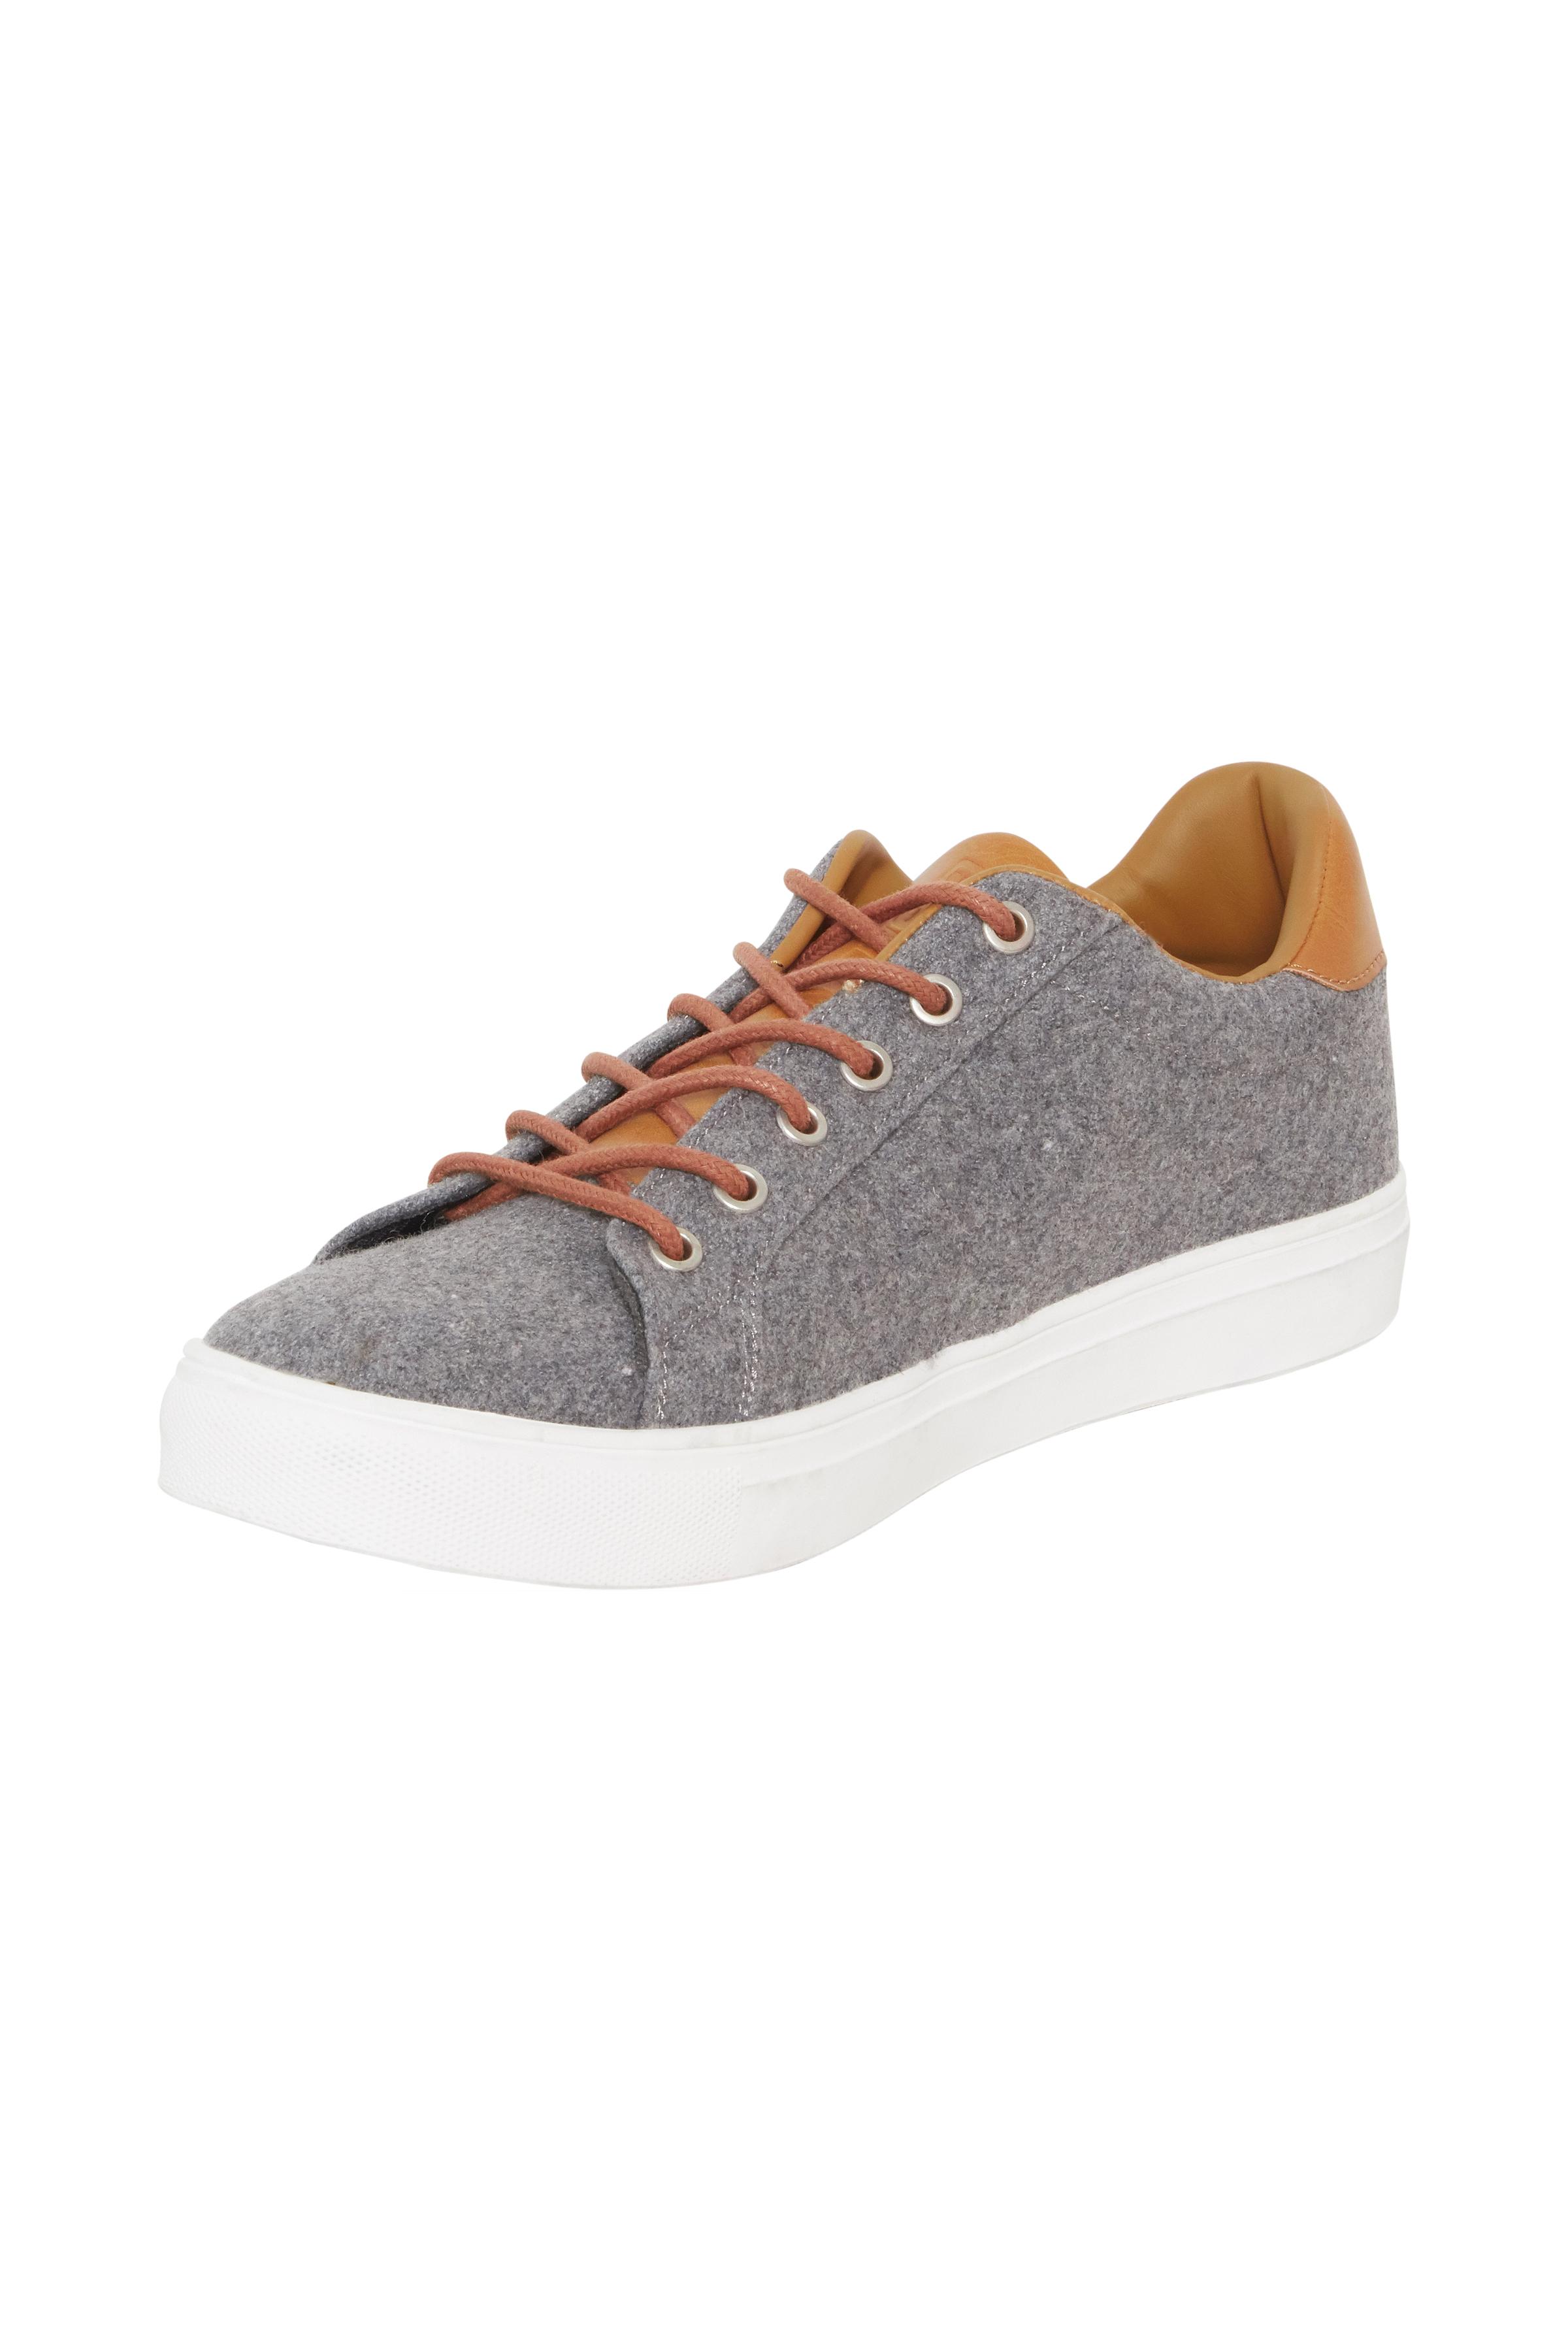 Gråmeleret Fodtøj fra Blend He Shoes – Køb Gråmeleret Fodtøj fra str. 40-46 her